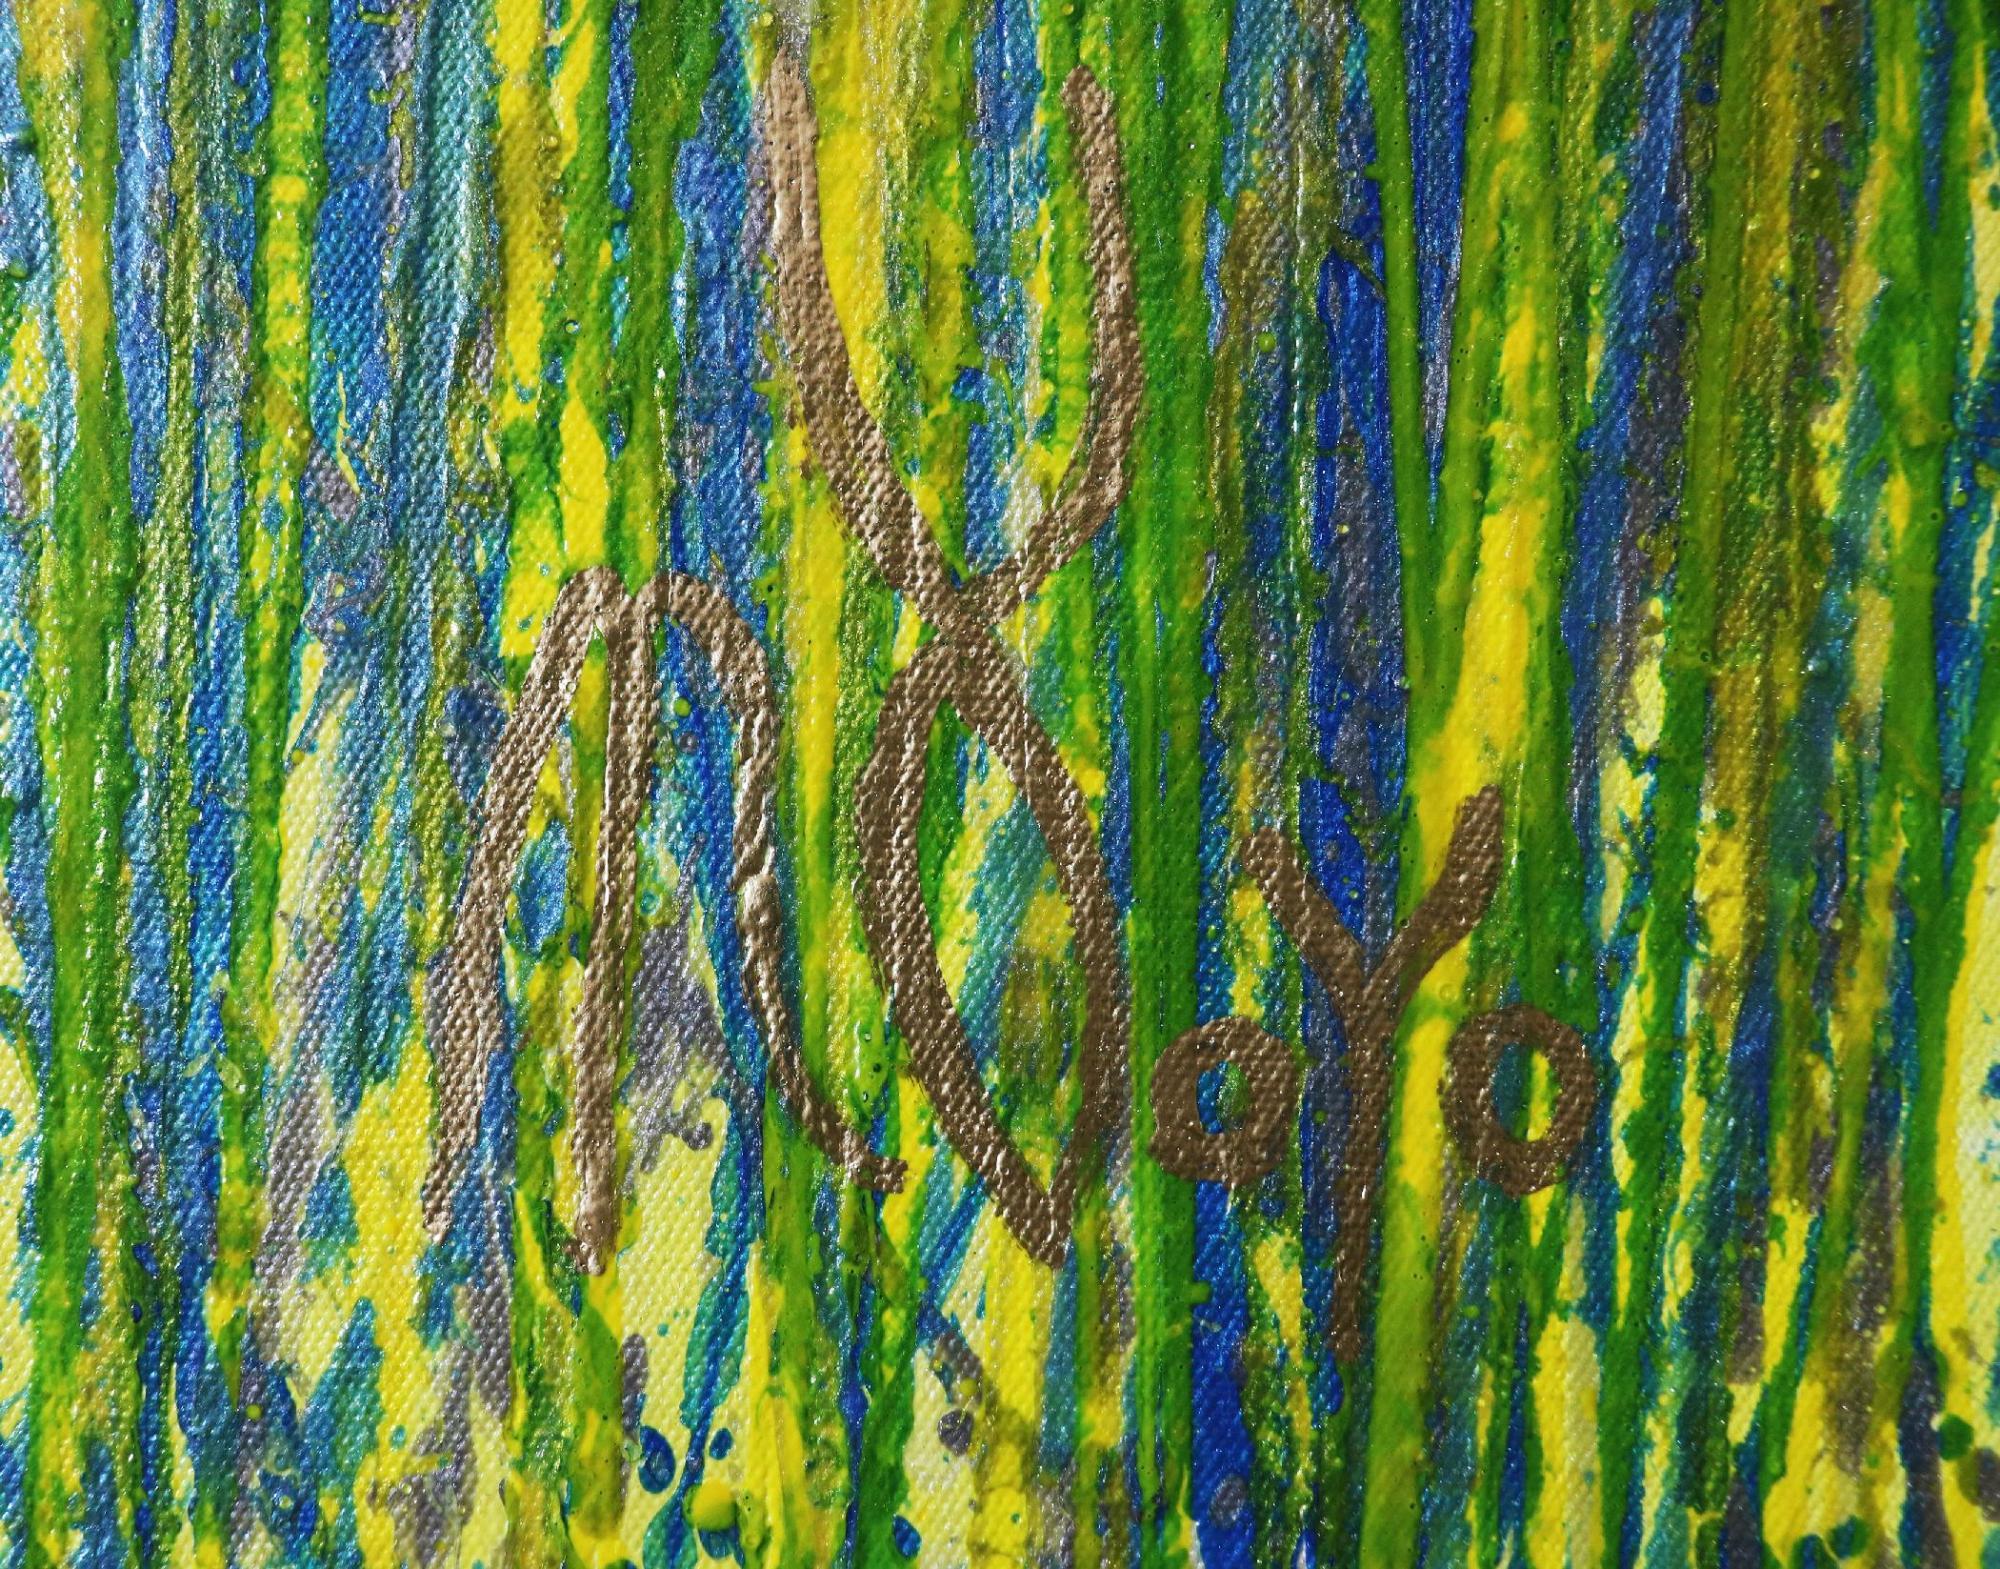 Signature - Detail - A closer look (Luminance garden) 4 (2020) by Nestor Toro